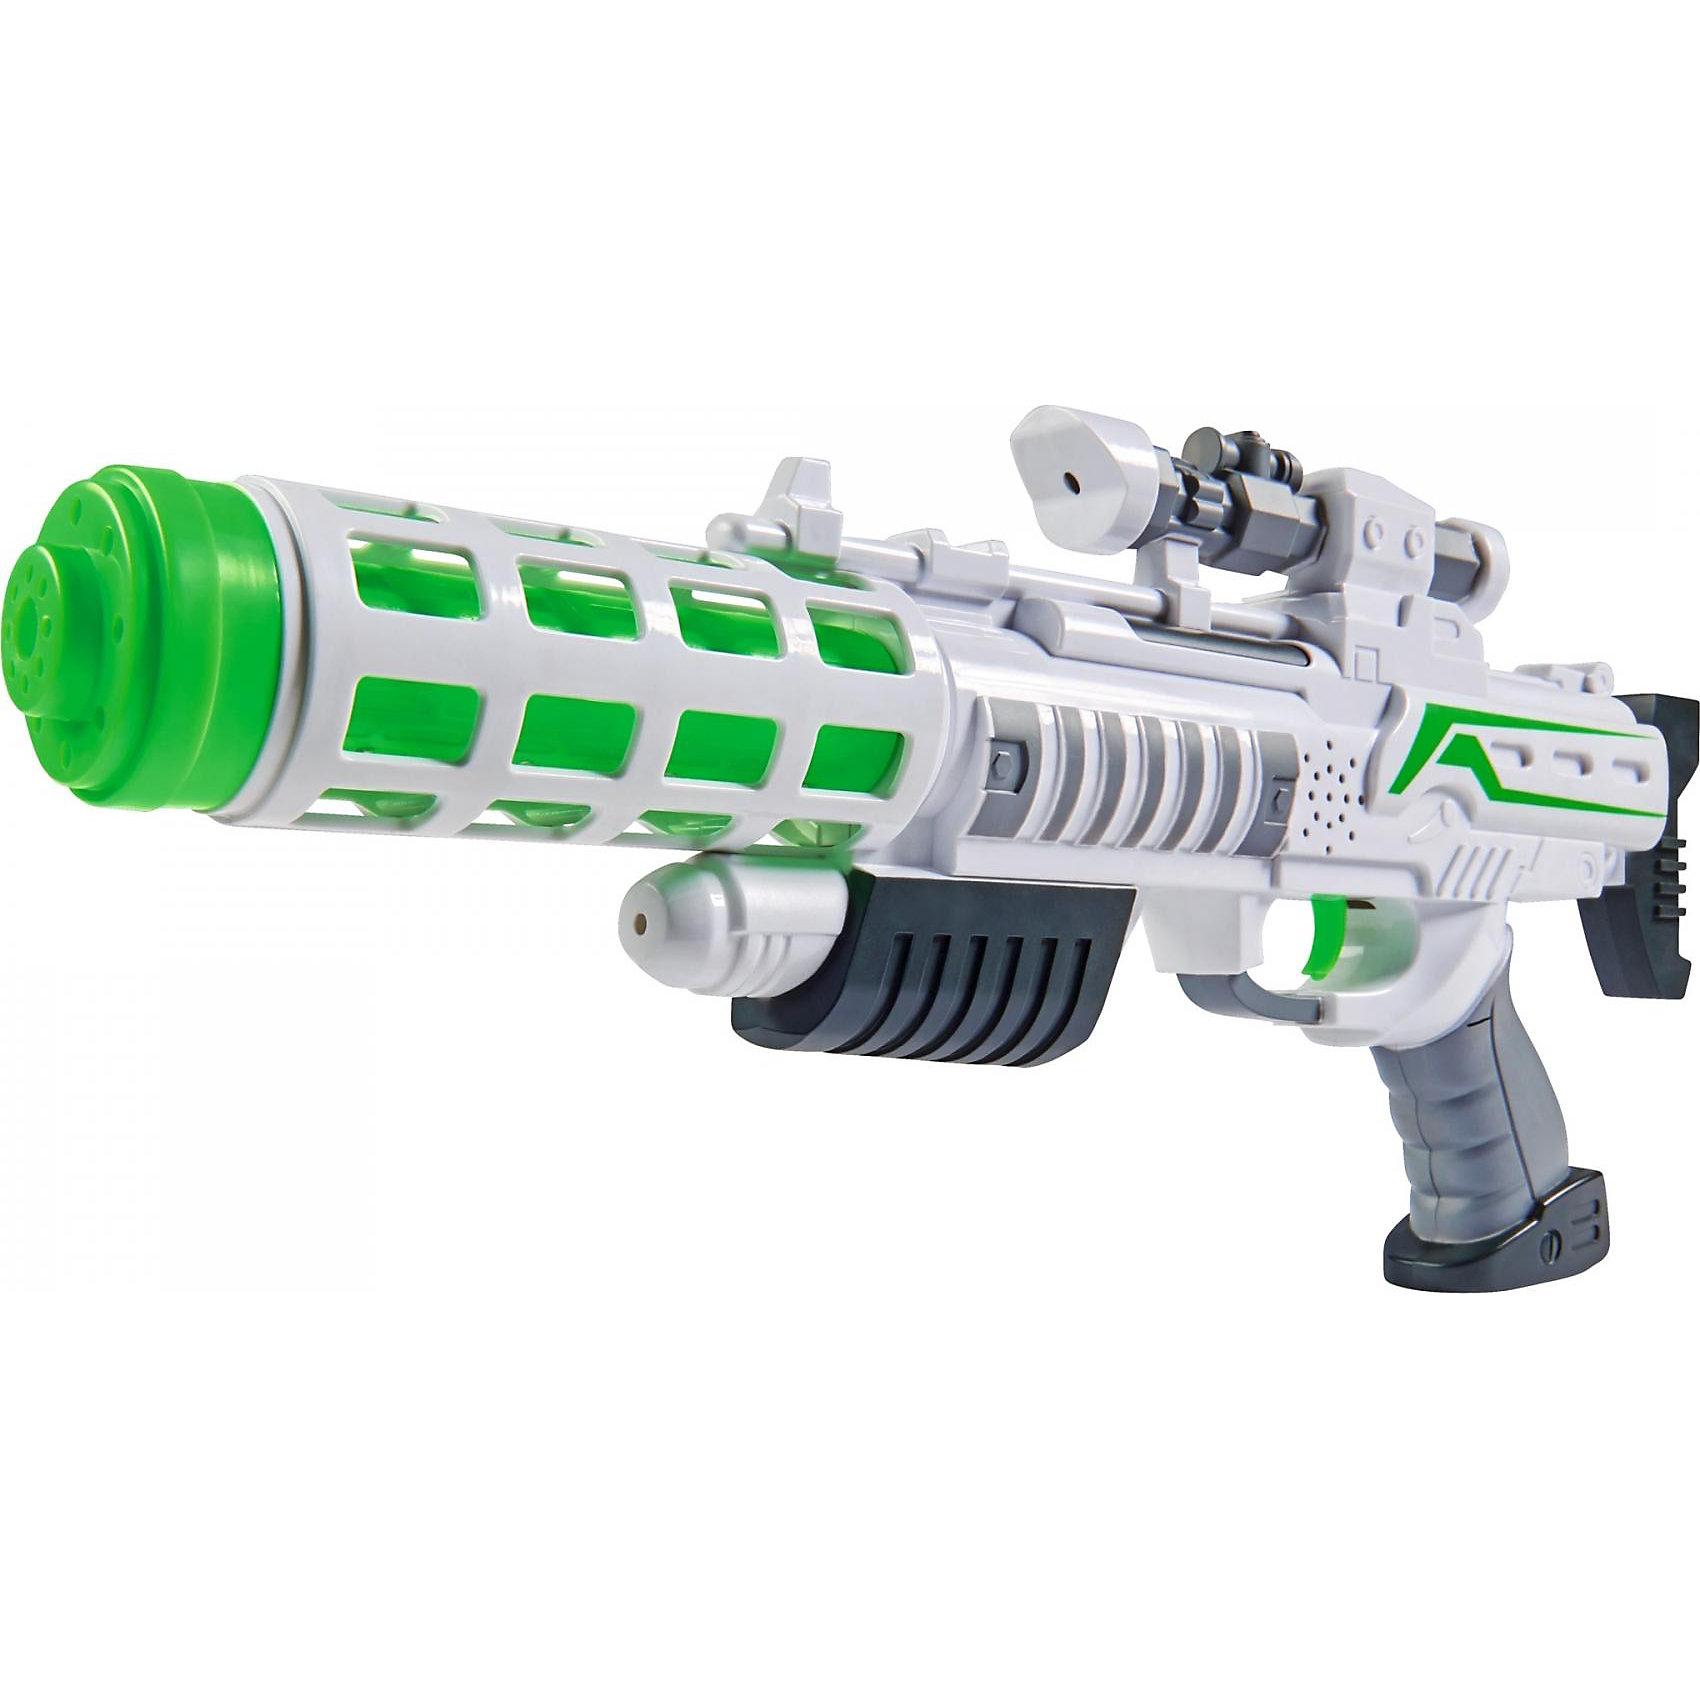 Световой бластер, свет, SimbaХарактеристики:<br><br>• длина бластера: 44 см;<br>• особенности игрушечного оружия: световые и звуковые эффекты;<br>• батарейки входят в комплект набора: 2 шт. типа АА;<br>• размер упаковки: 48х22х6 см;<br>• вес: 581 г.<br><br>Игрушечное оружие для игры в войнушки выполнено из безопасных материалов. Световой бластер с прицелом издает звуки настоящих выстрелов. Мальчишки играют в солдат, армию, становятся сильнее и выносливее. <br><br>Световой бластер, свет, Simba можно купить в нашем магазине.<br><br>Ширина мм: 478<br>Глубина мм: 228<br>Высота мм: 66<br>Вес г: 522<br>Возраст от месяцев: 36<br>Возраст до месяцев: 96<br>Пол: Мужской<br>Возраст: Детский<br>SKU: 2616439